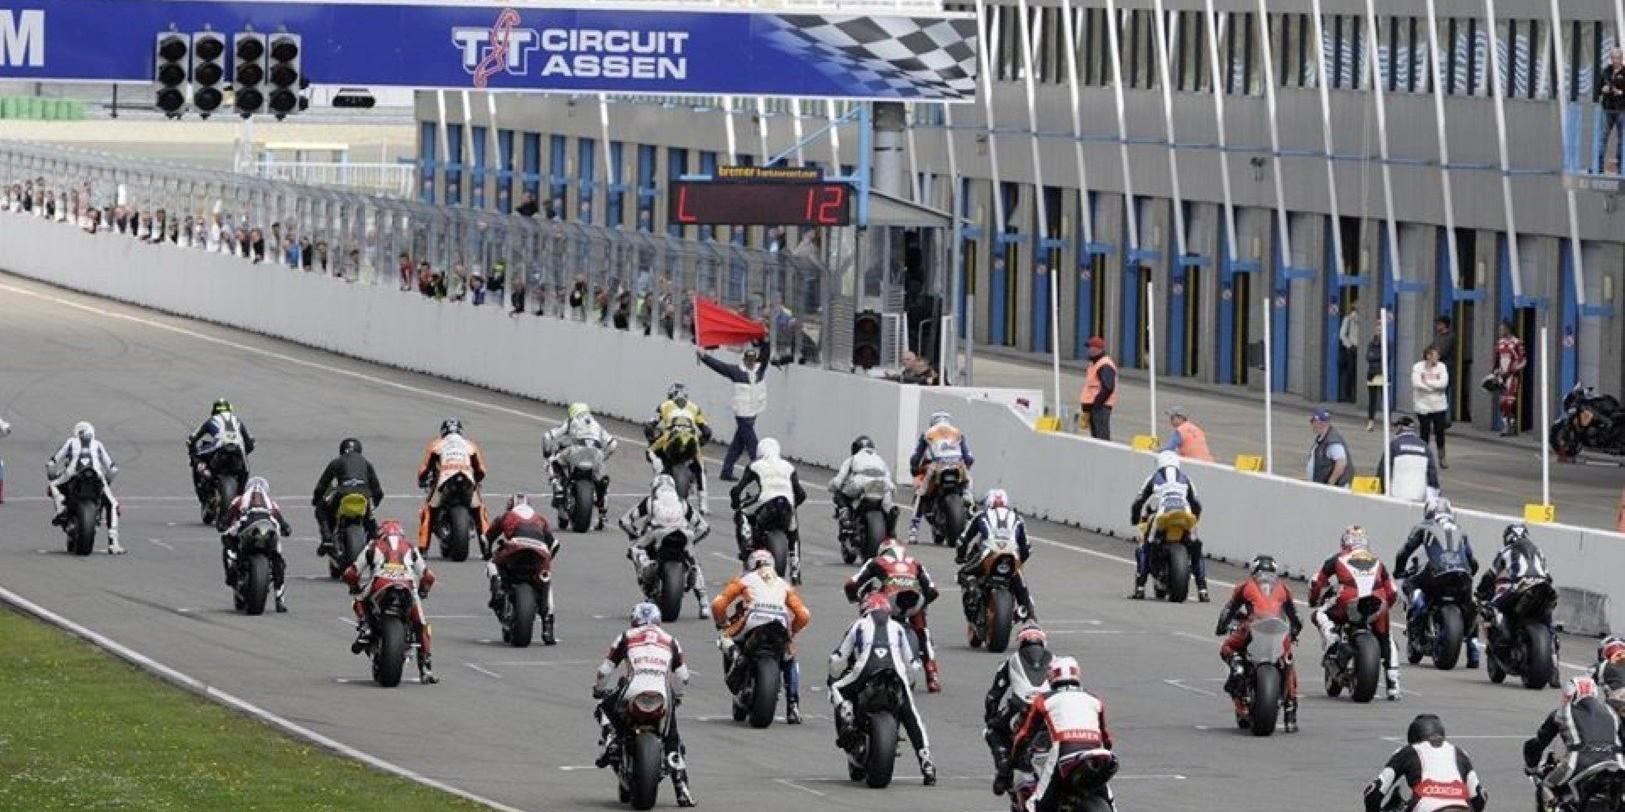 Zone de départ sur le circuit TT à Assen